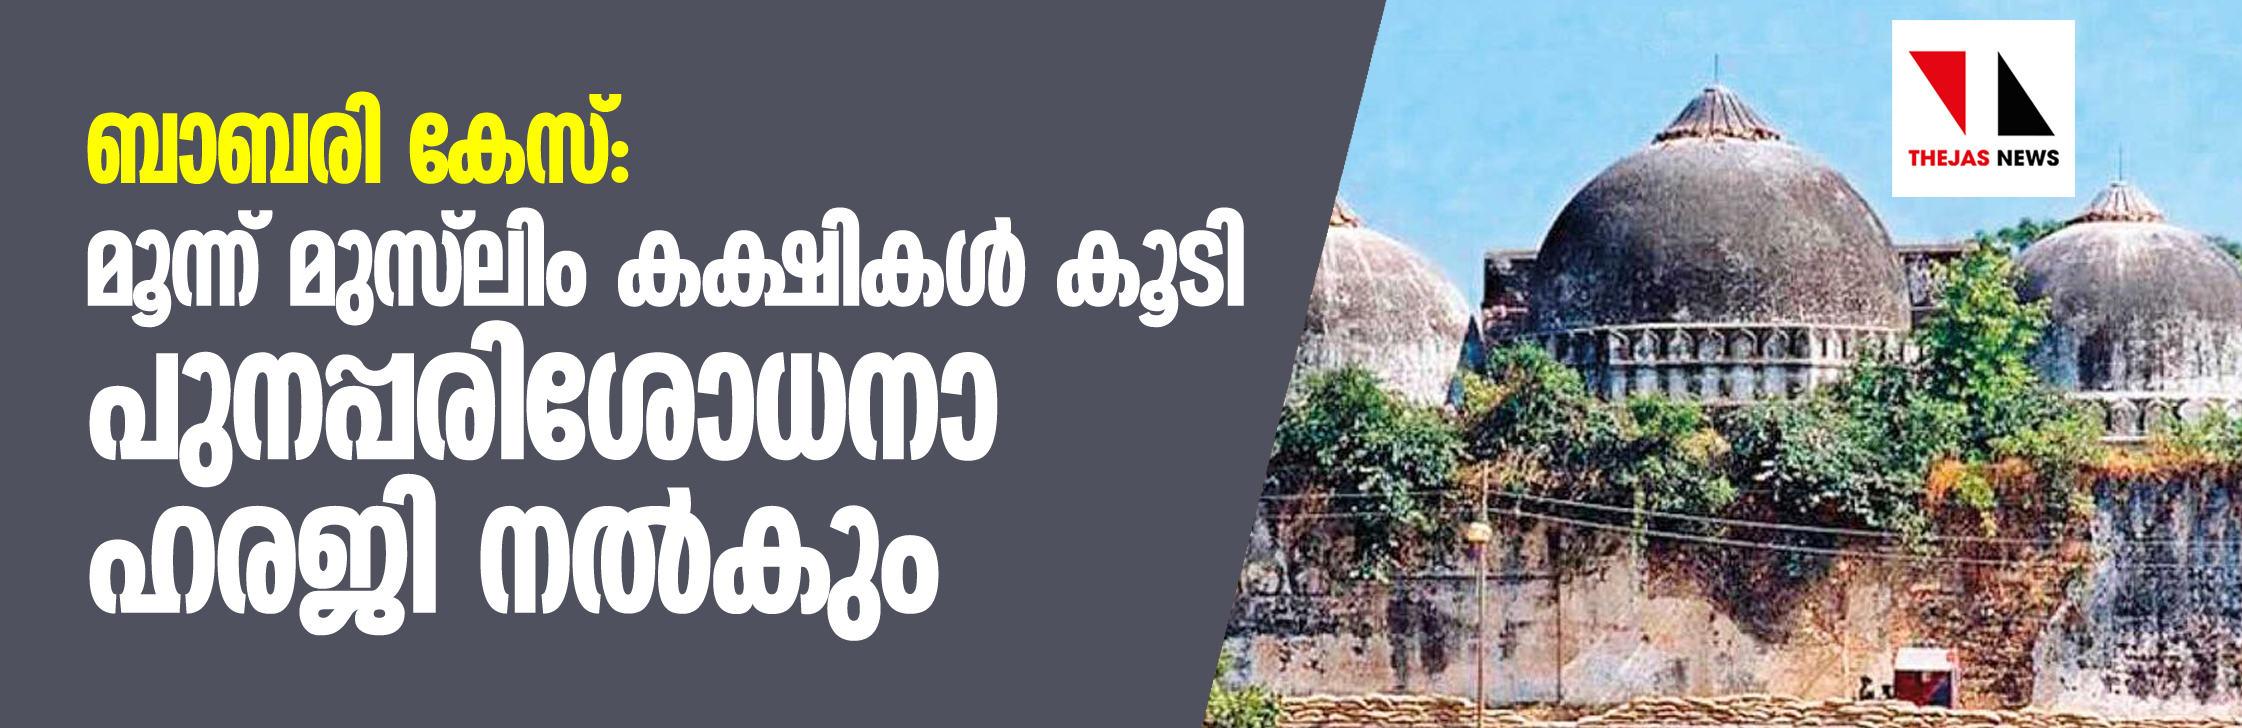 ബാബരി കേസ്: മൂന്ന് മുസ്ലിം കക്ഷികള് കൂടി പുനപ്പരിശോധനാ ഹരജി നല്കും